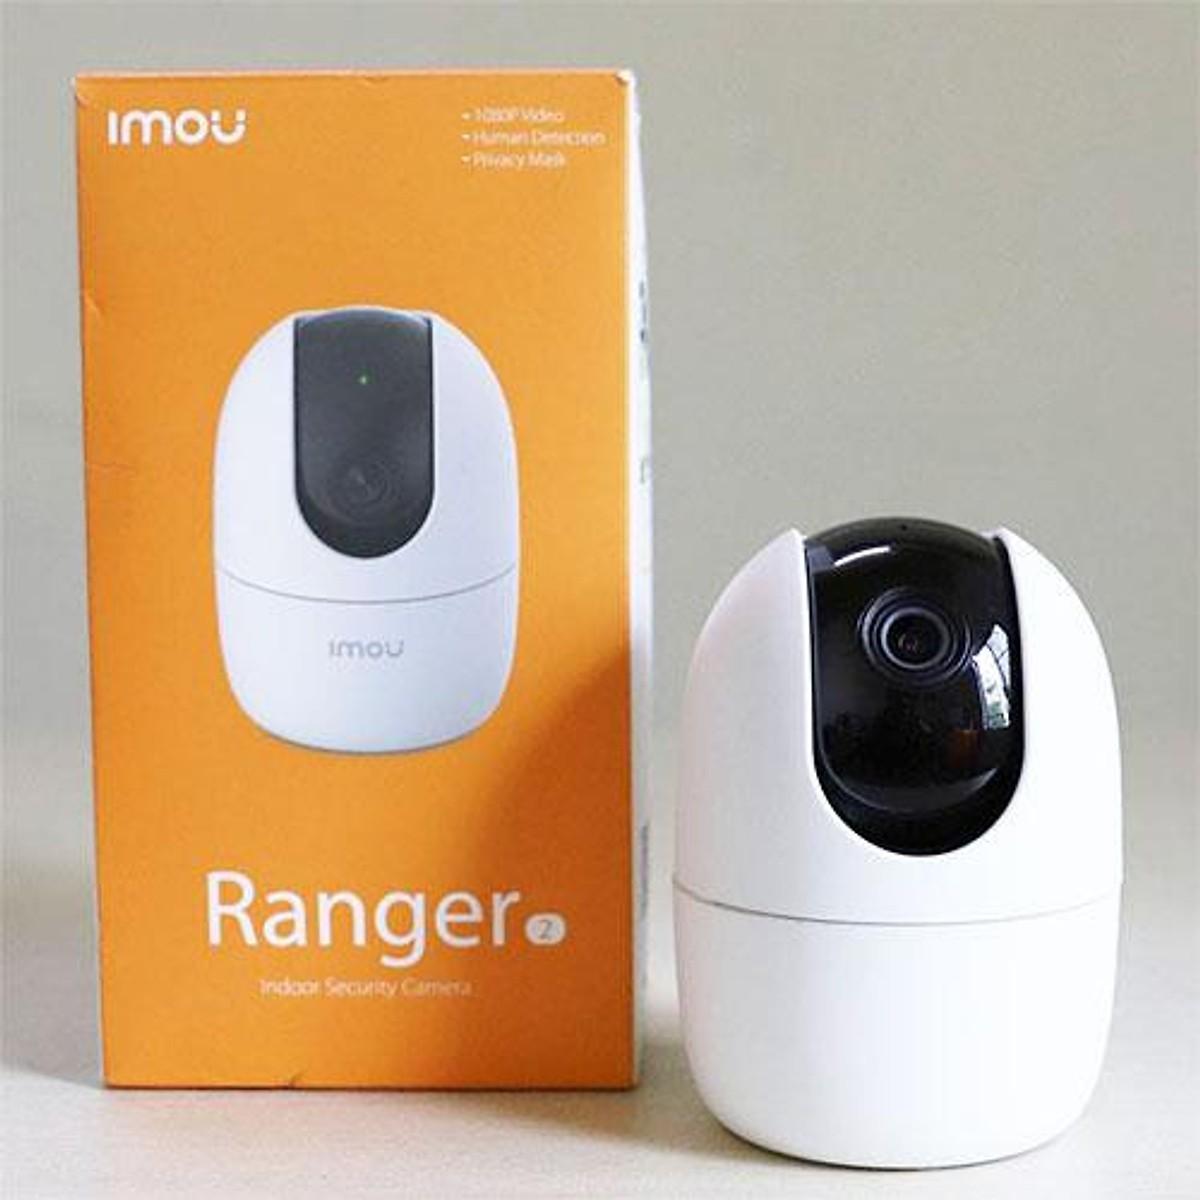 Combo Camera IP Wifi Imou  IPC-A22EP 2.0mpx Full HD 1080p và Thẻ Nhơ Kingston 16Gb/32Gb - Hàng Chính Hãng - 16547808 , 6899881929913 , 62_26068145 , 1100000 , Combo-Camera-IP-Wifi-Imou-IPC-A22EP-2.0mpx-Full-HD-1080p-va-The-Nho-Kingston-16Gb-32Gb-Hang-Chinh-Hang-62_26068145 , tiki.vn , Combo Camera IP Wifi Imou  IPC-A22EP 2.0mpx Full HD 1080p và Thẻ Nhơ Kin